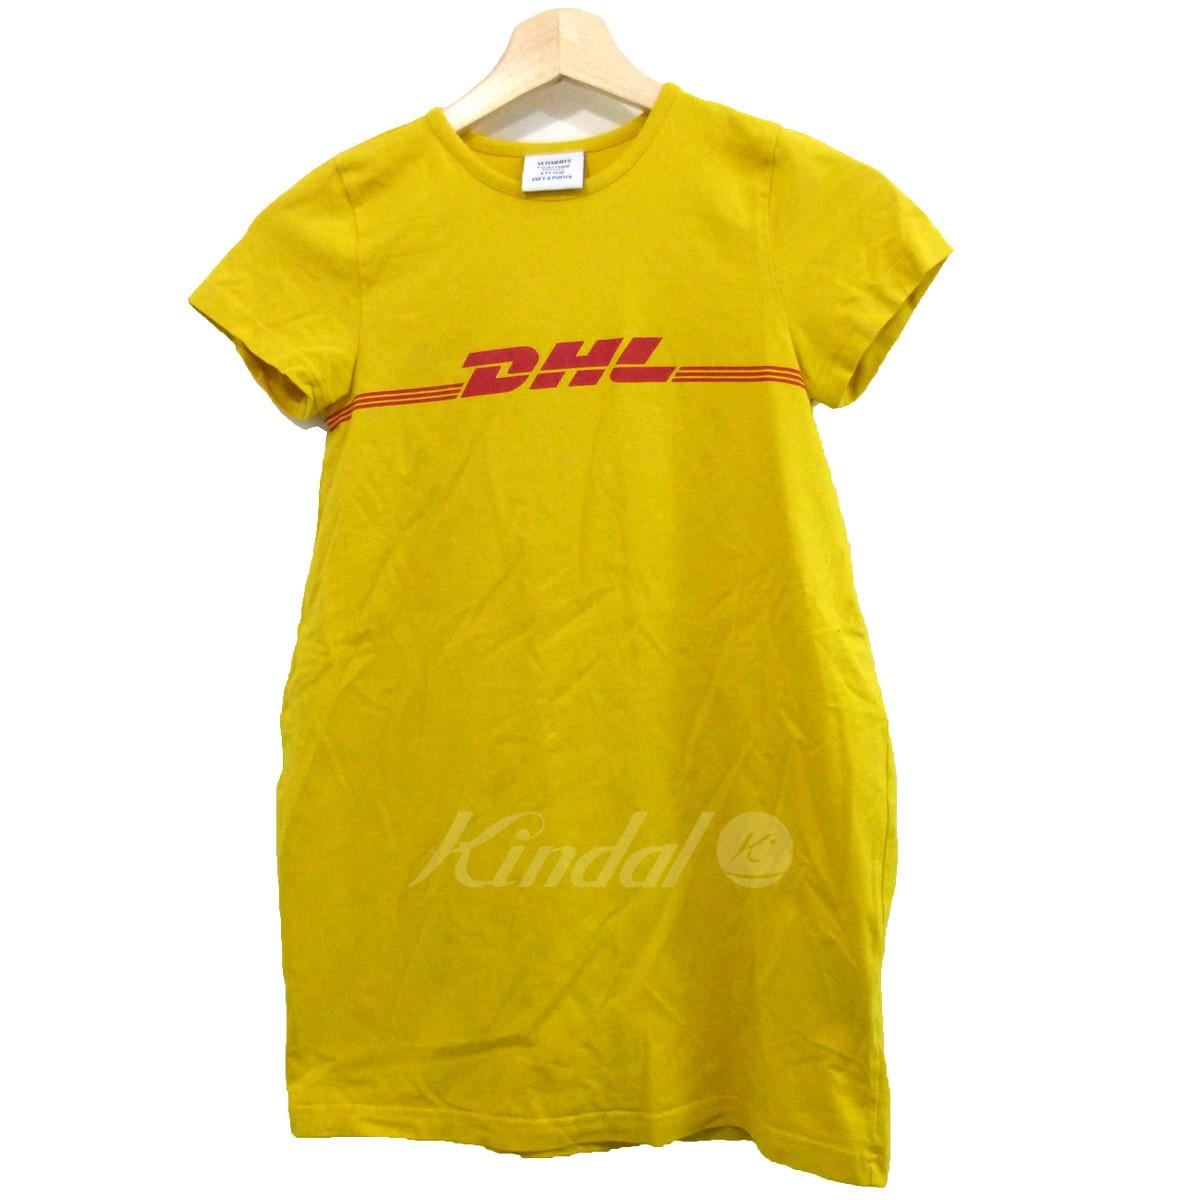 【2月25日 お値段見直しました】【中古】VETEMENTS16SS「DHL T-Shirt」DHLプリントTシャツ イエロー サイズ:S 【送料無料】